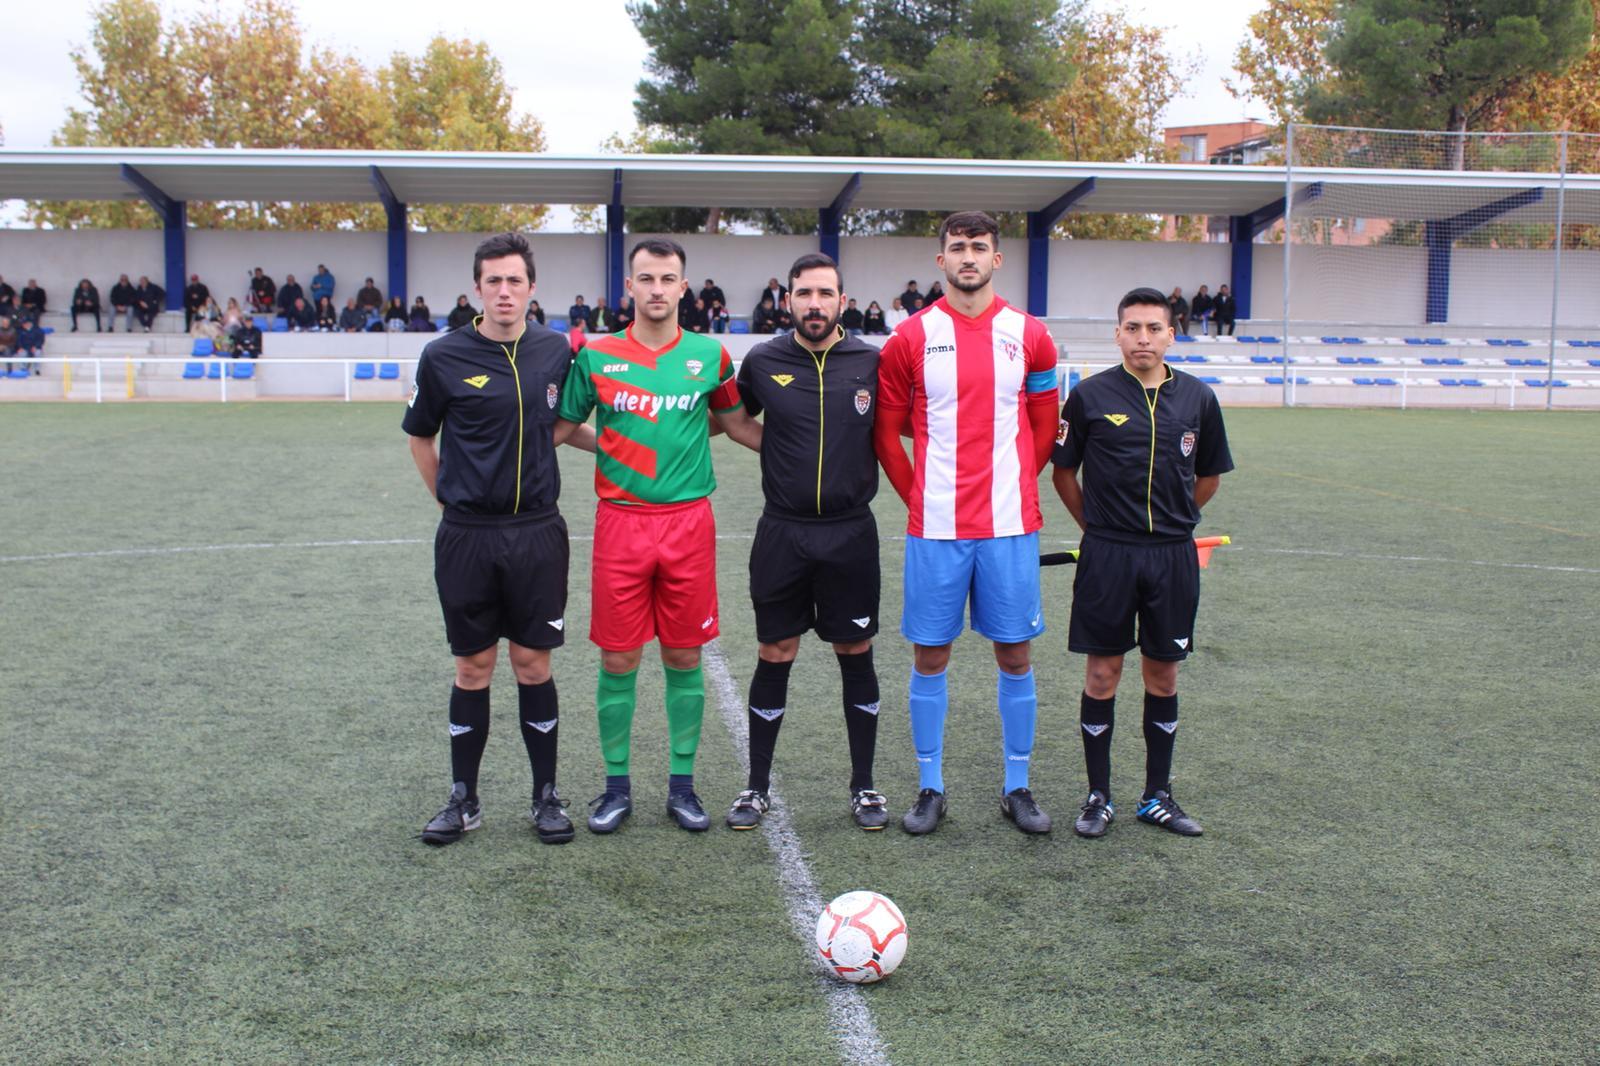 PREFERENTE/ Empate del equipo Aficionado frente al C.D. Colonia Moscardó (1-1)